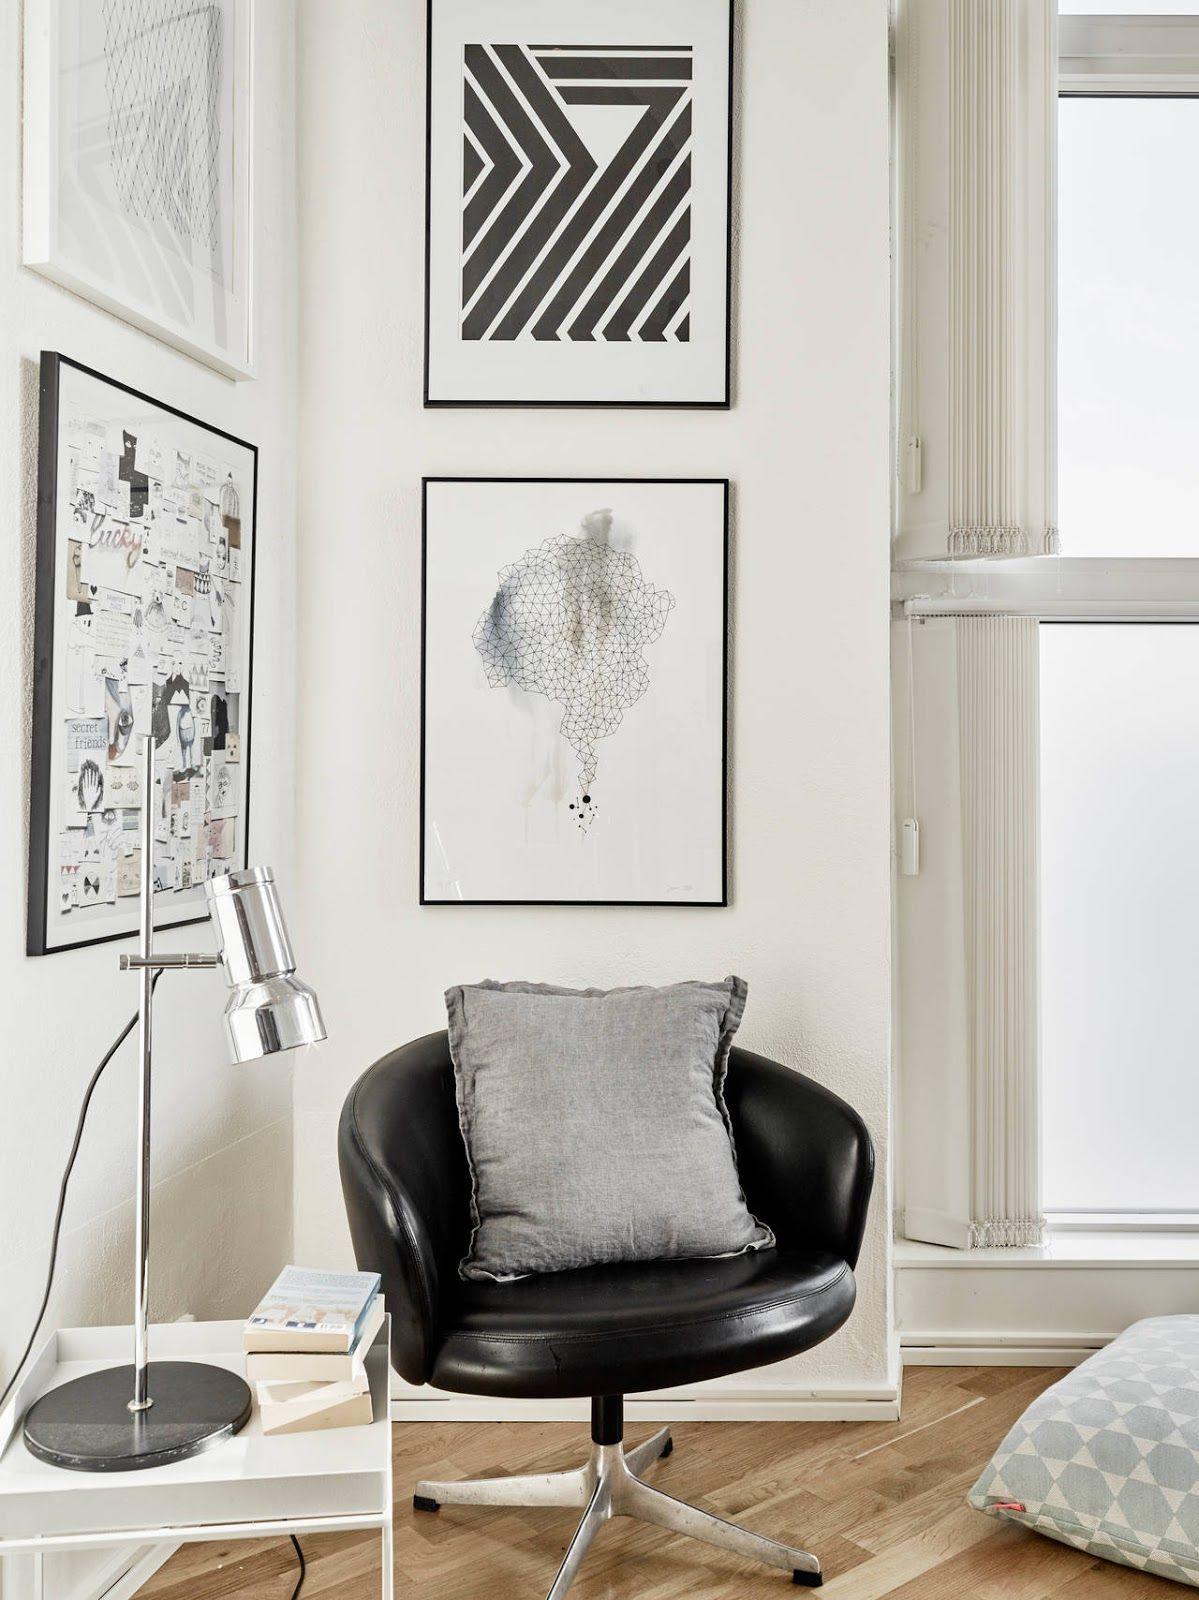 Wohnzimmer Skandinavisch Modern Schlicht Minimalistisch Reduziert Monochrom Einrichten Sessel Leder Schwarz Design Bilderwand Kunst Wanddeko Wandgestaltung